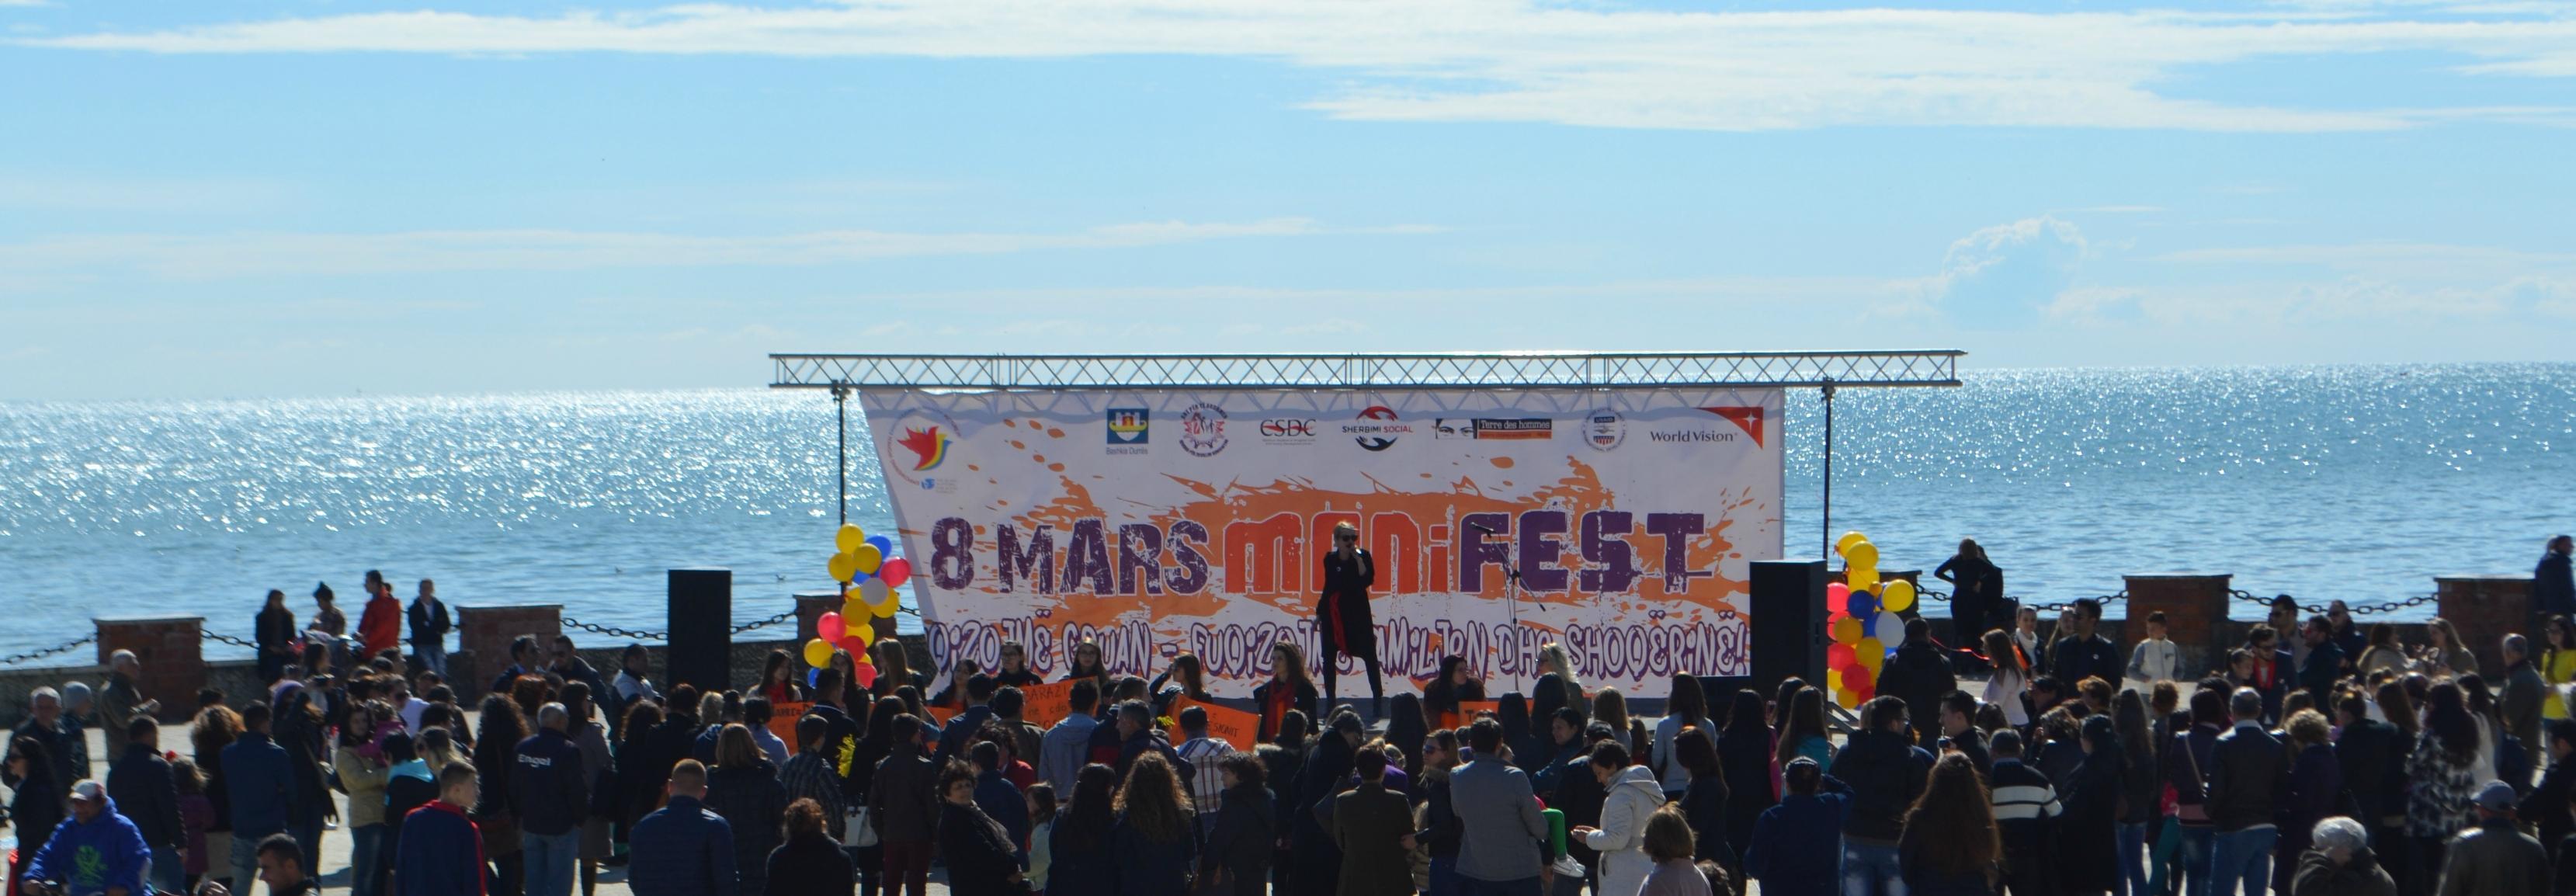 1.5.1-8-Mars-Marshojmë-këndojmë-protestojmë-për-të-drejtat-e-grave11